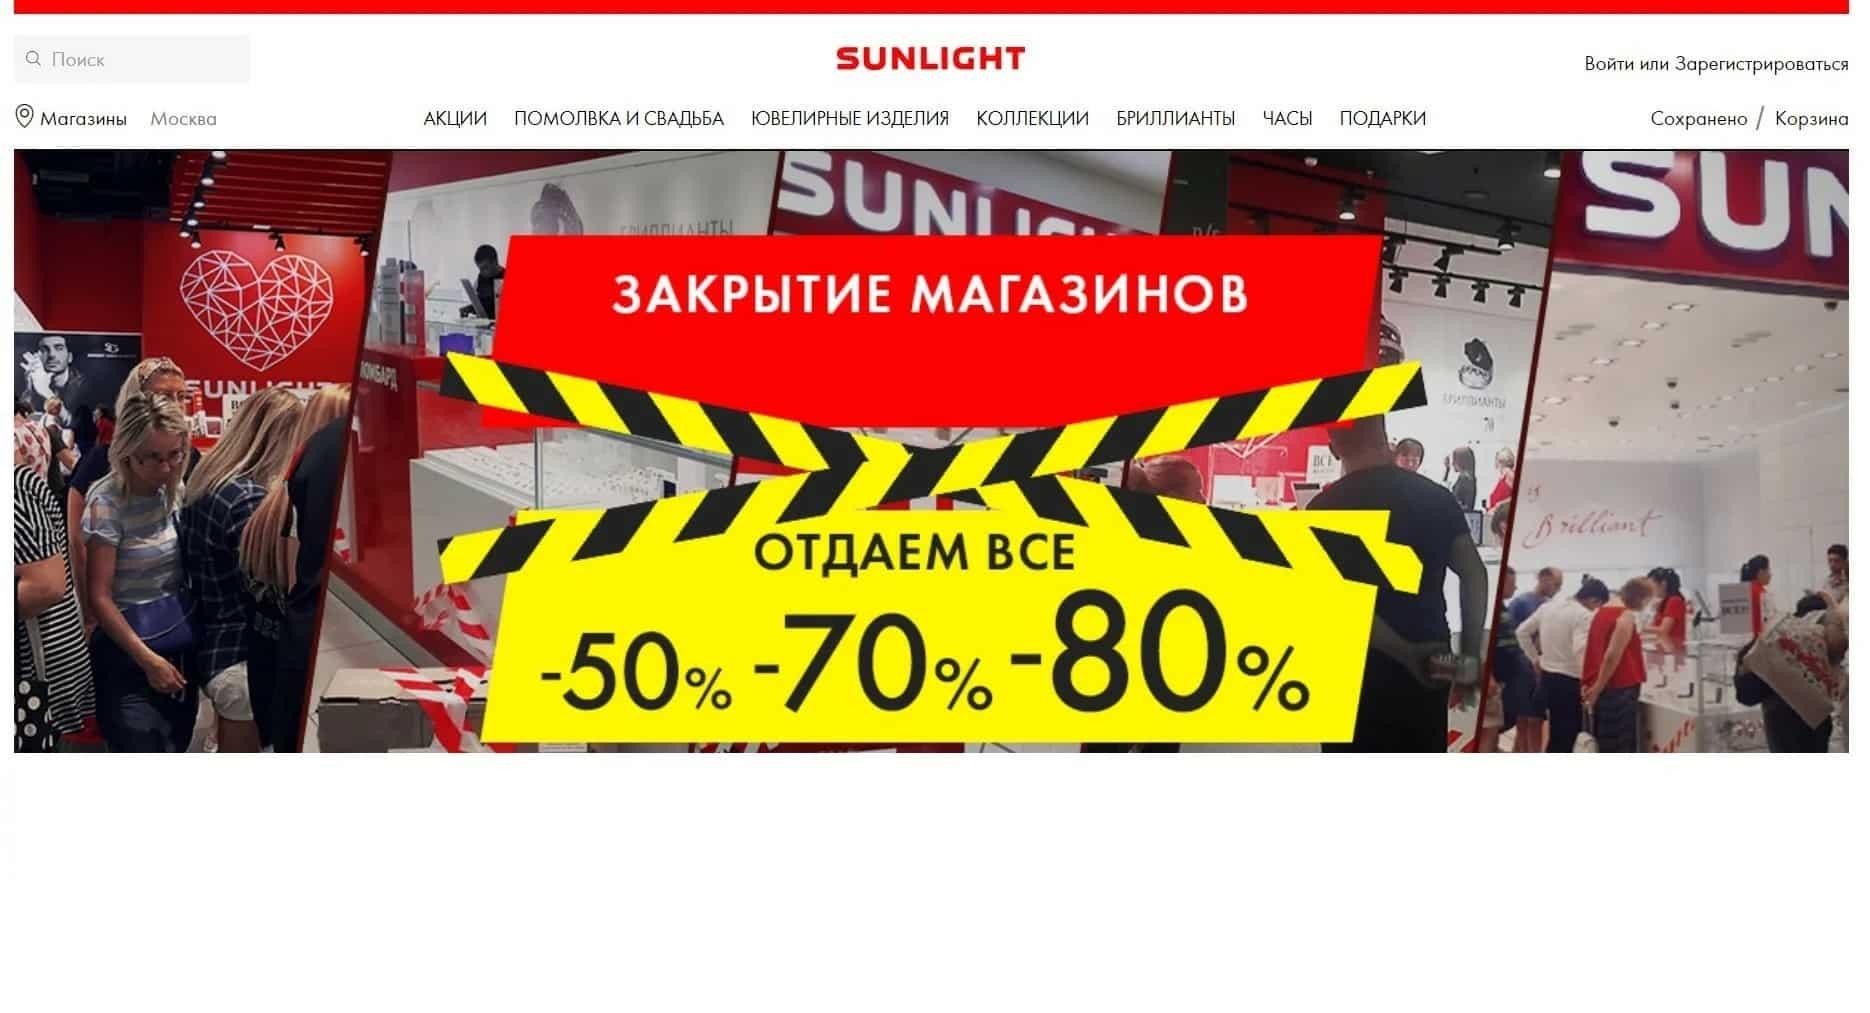 Магазины Sunlight закрываются по всей России: с чем это связано, будут ли скидки